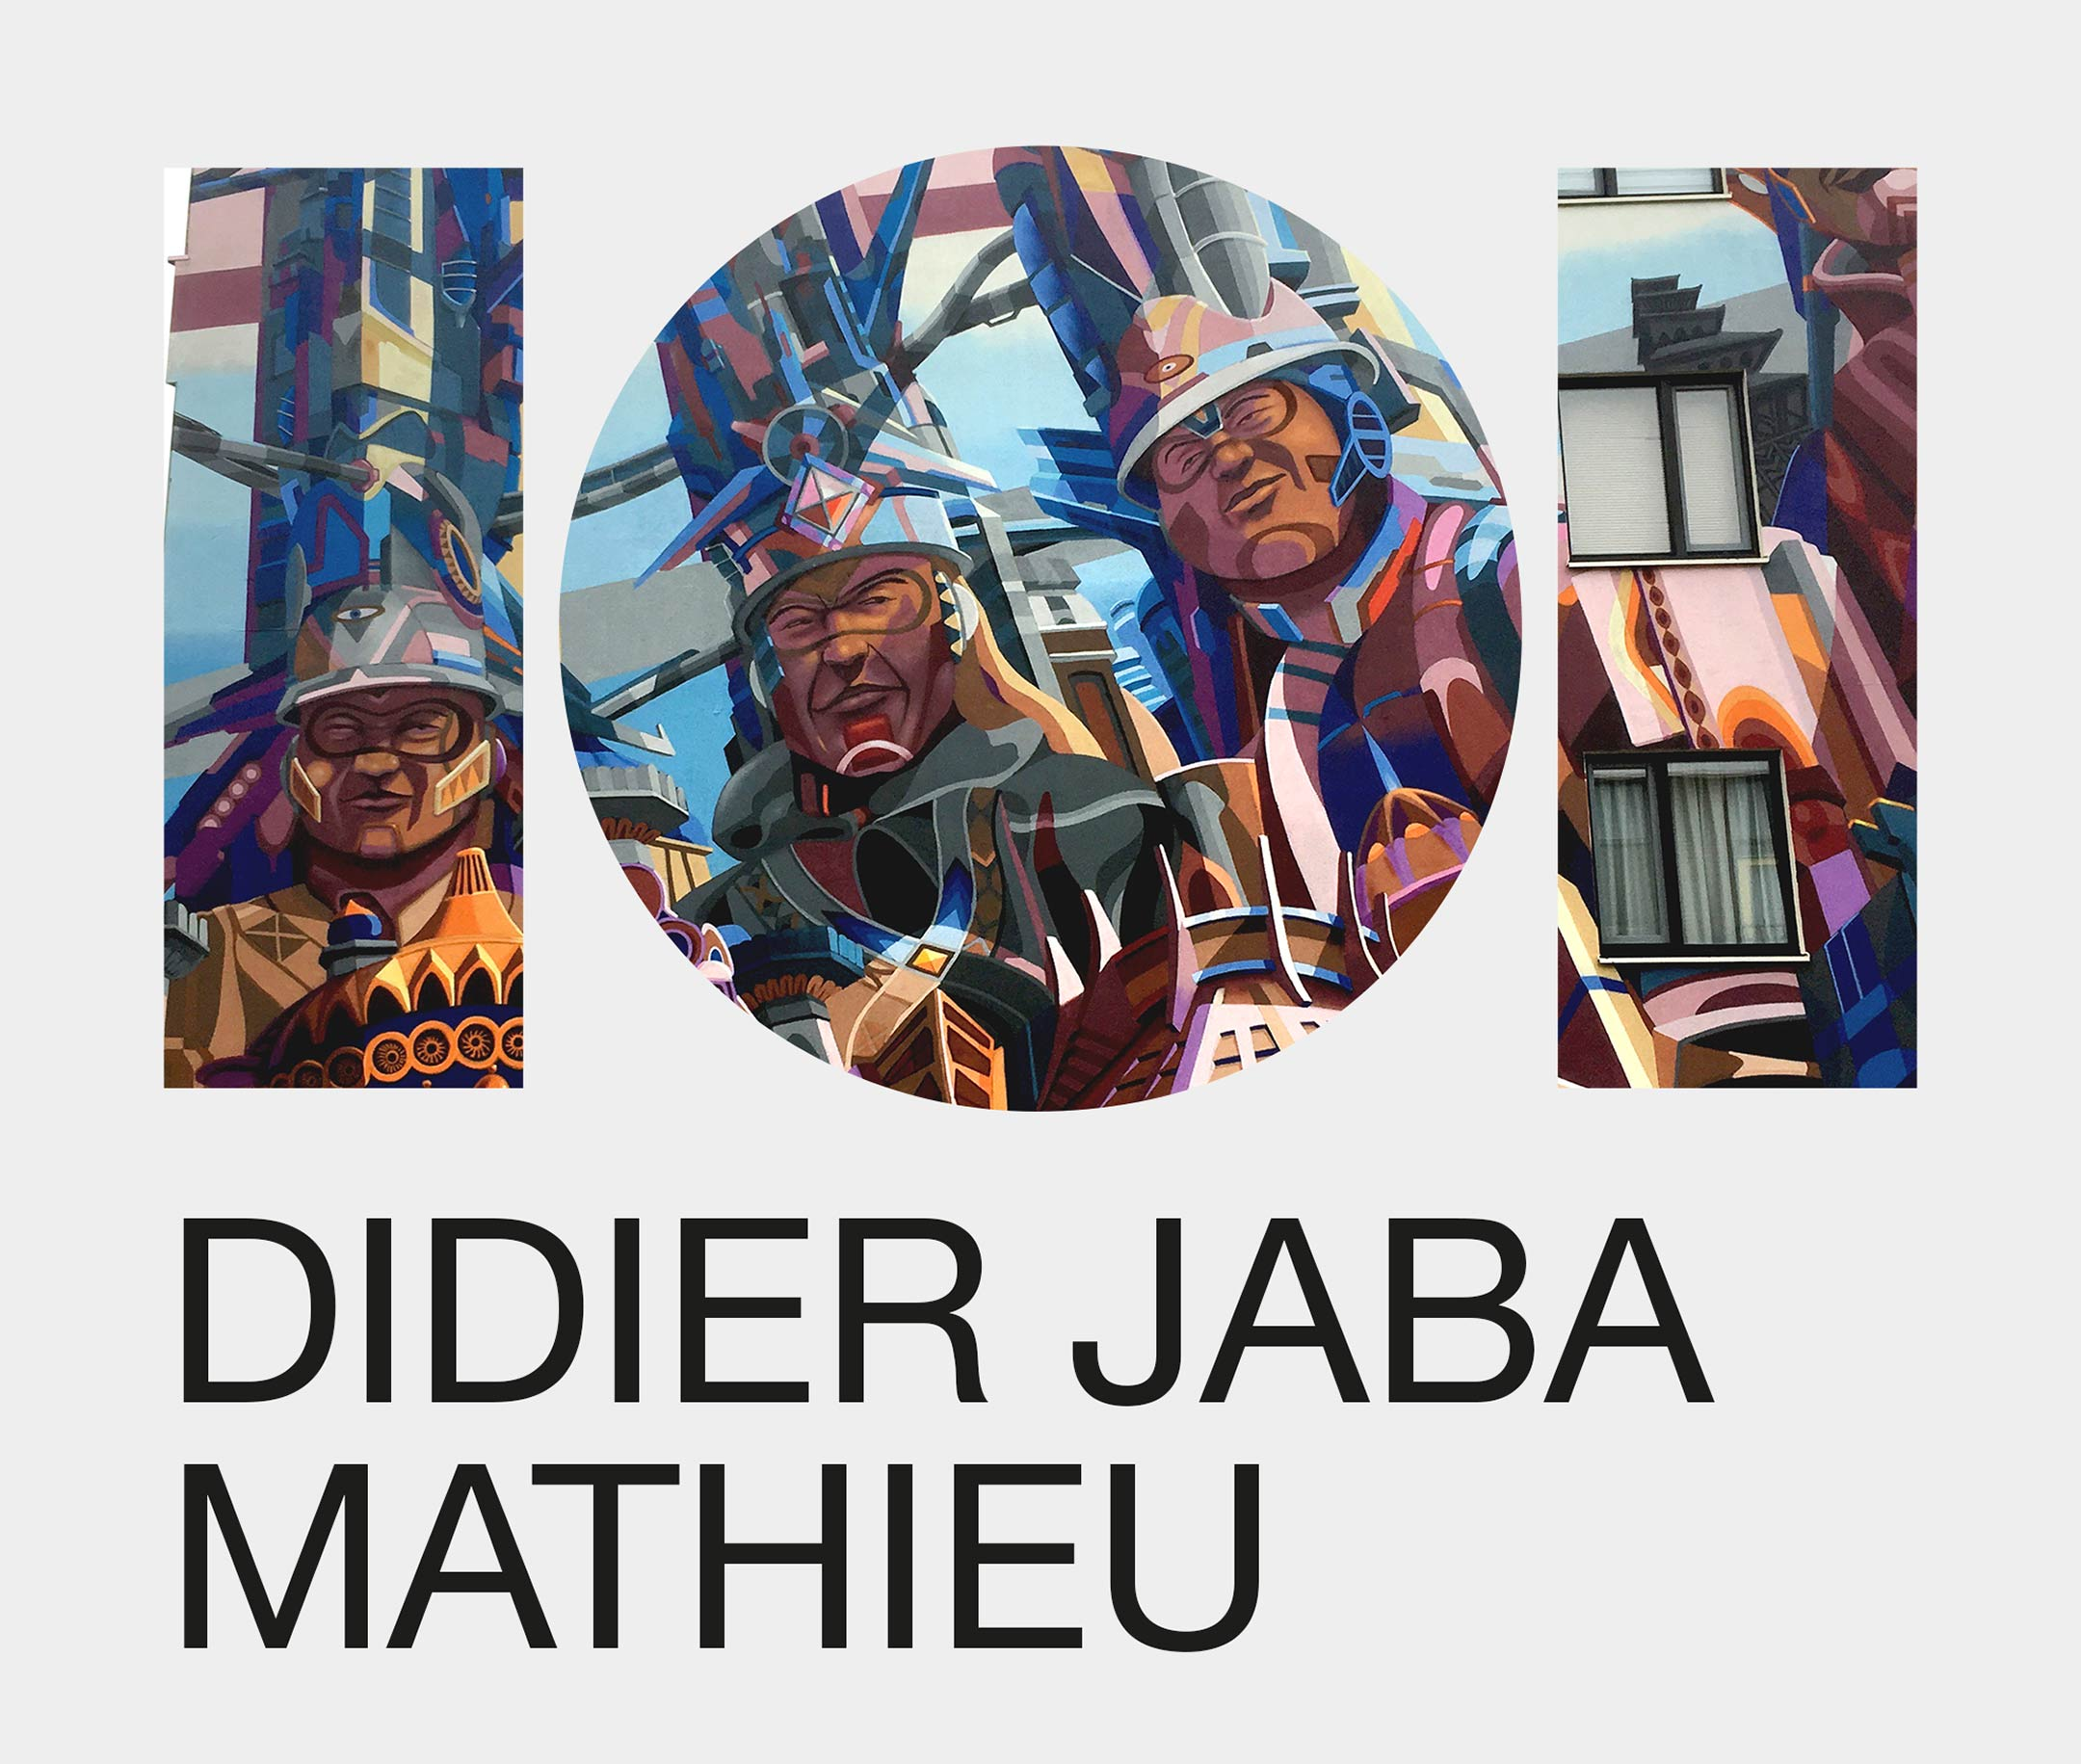 DIDIER-JABA-MATHIEU